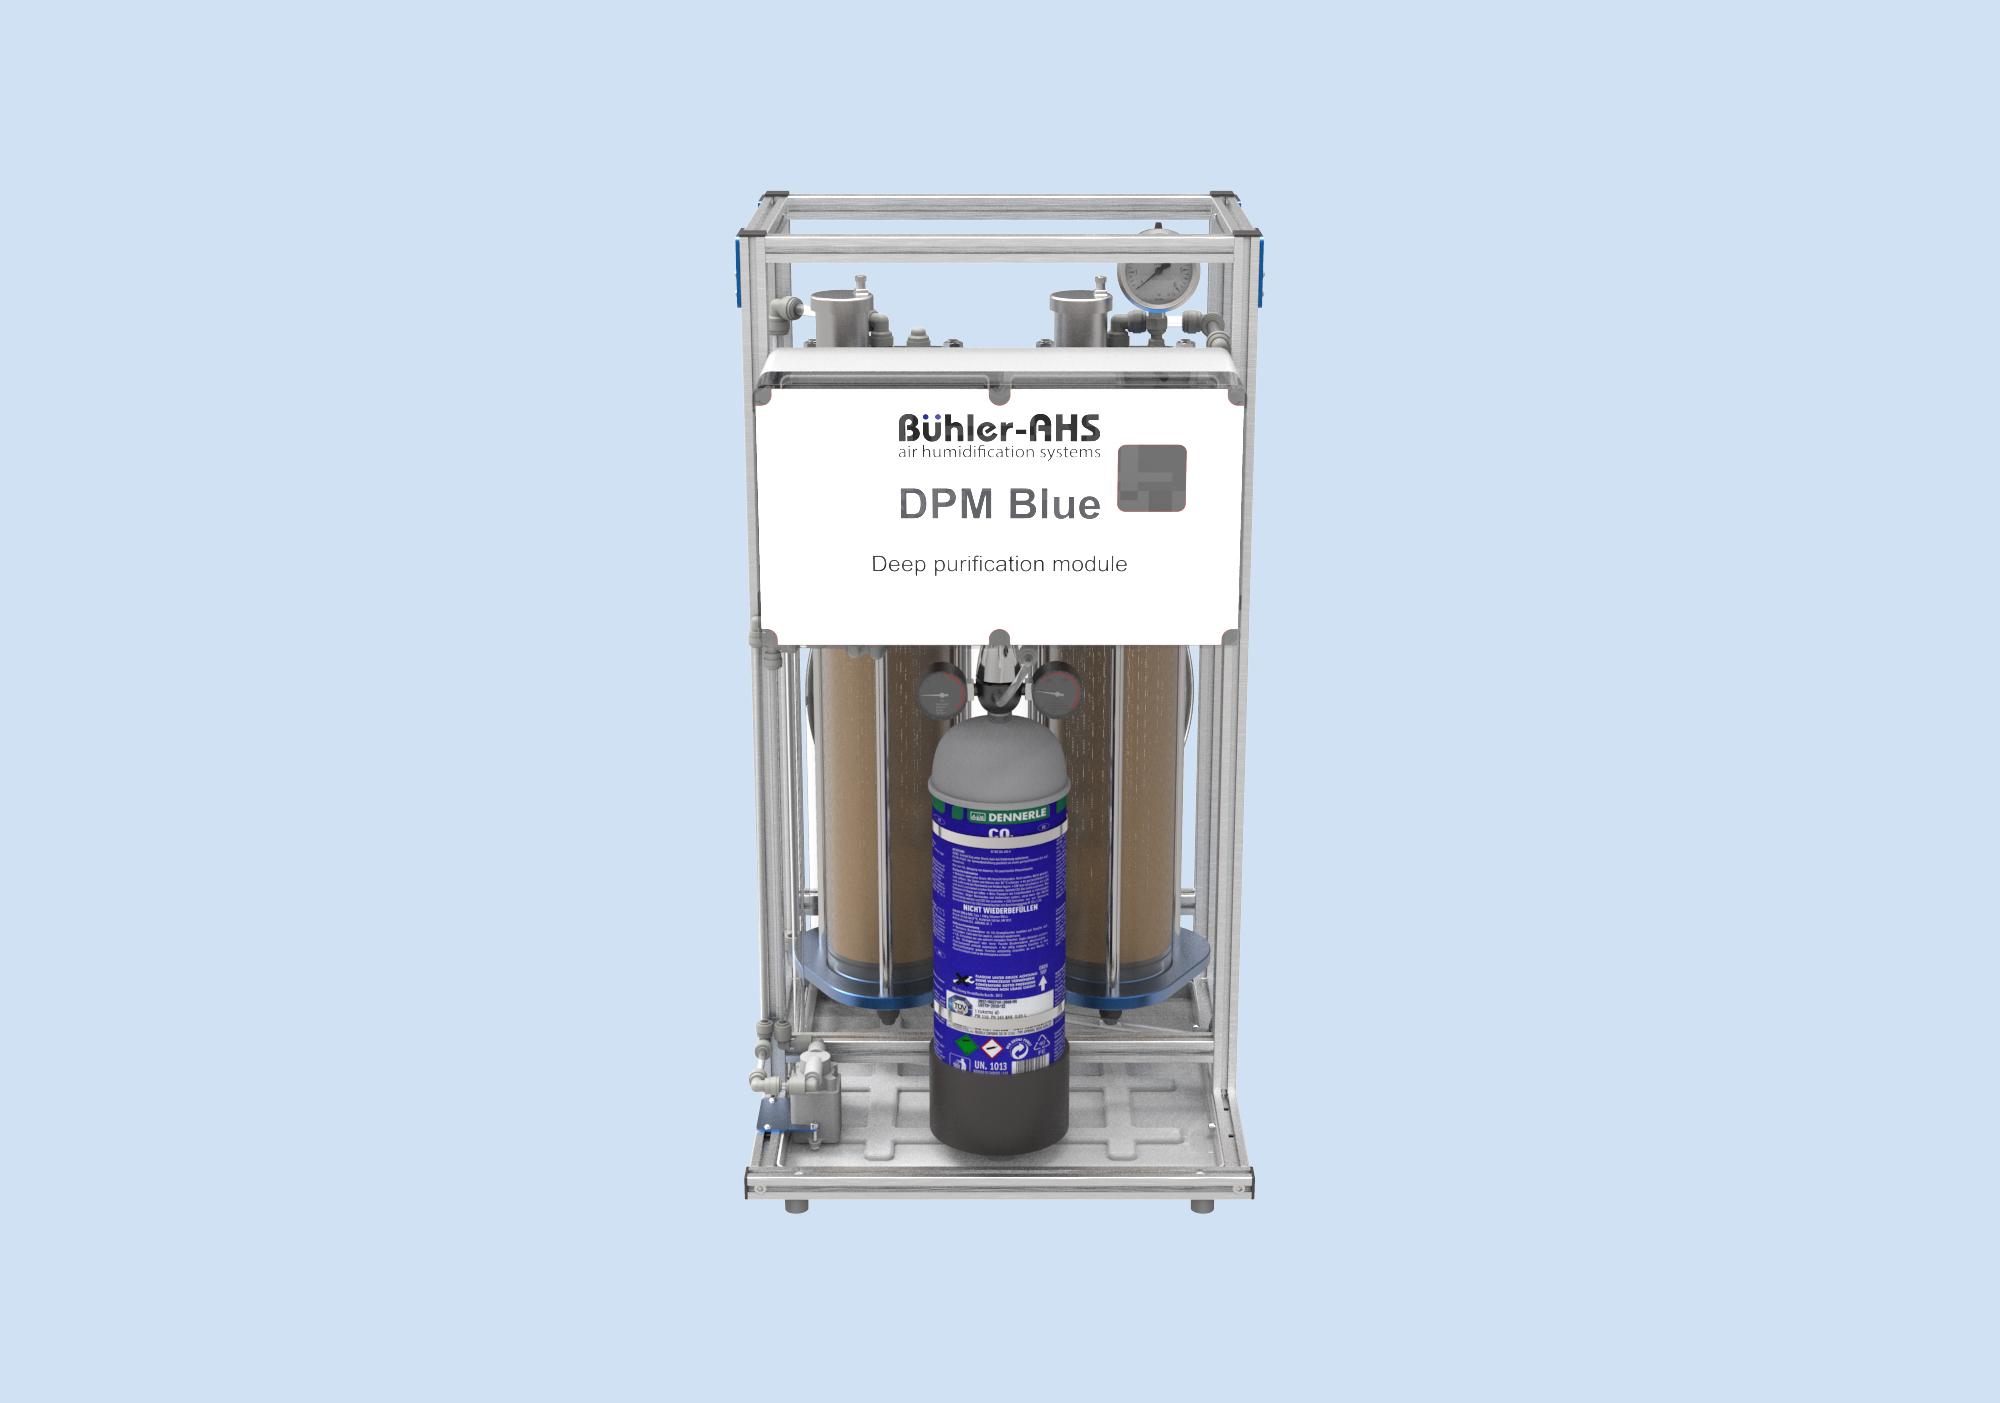 Модуль ультраглубокой очистки DPM Blue системы увлажнения воздуха Buhler-AHS